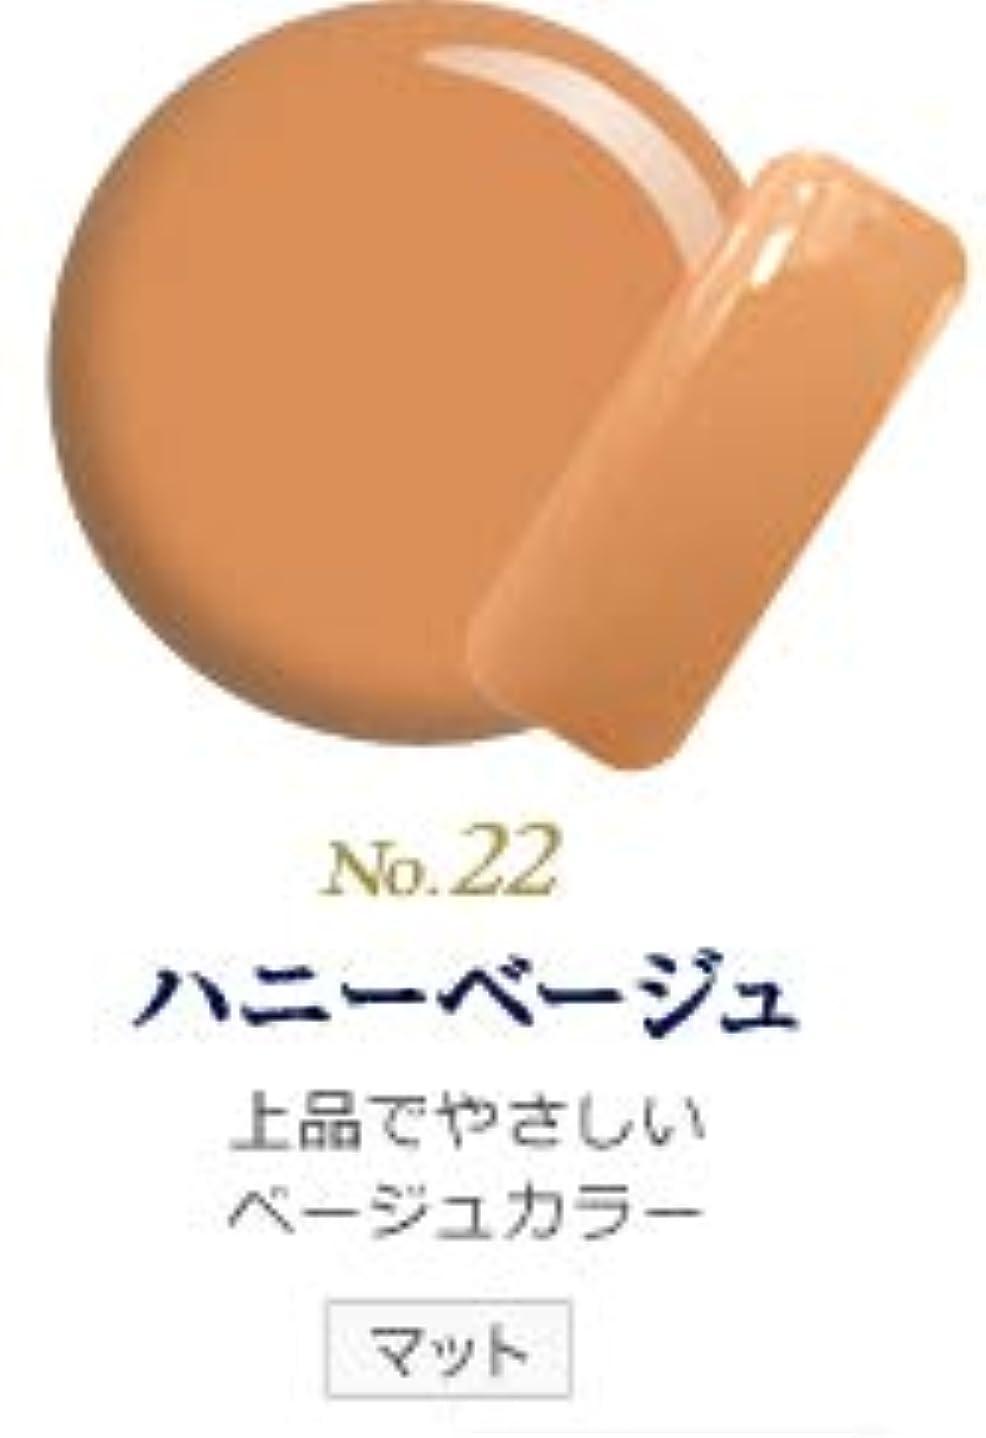 さておきショートカット求める発色抜群 削らなくてもオフが出来る 新グレースジェルカラーNo.11~No.209 (ハニーベージュ)